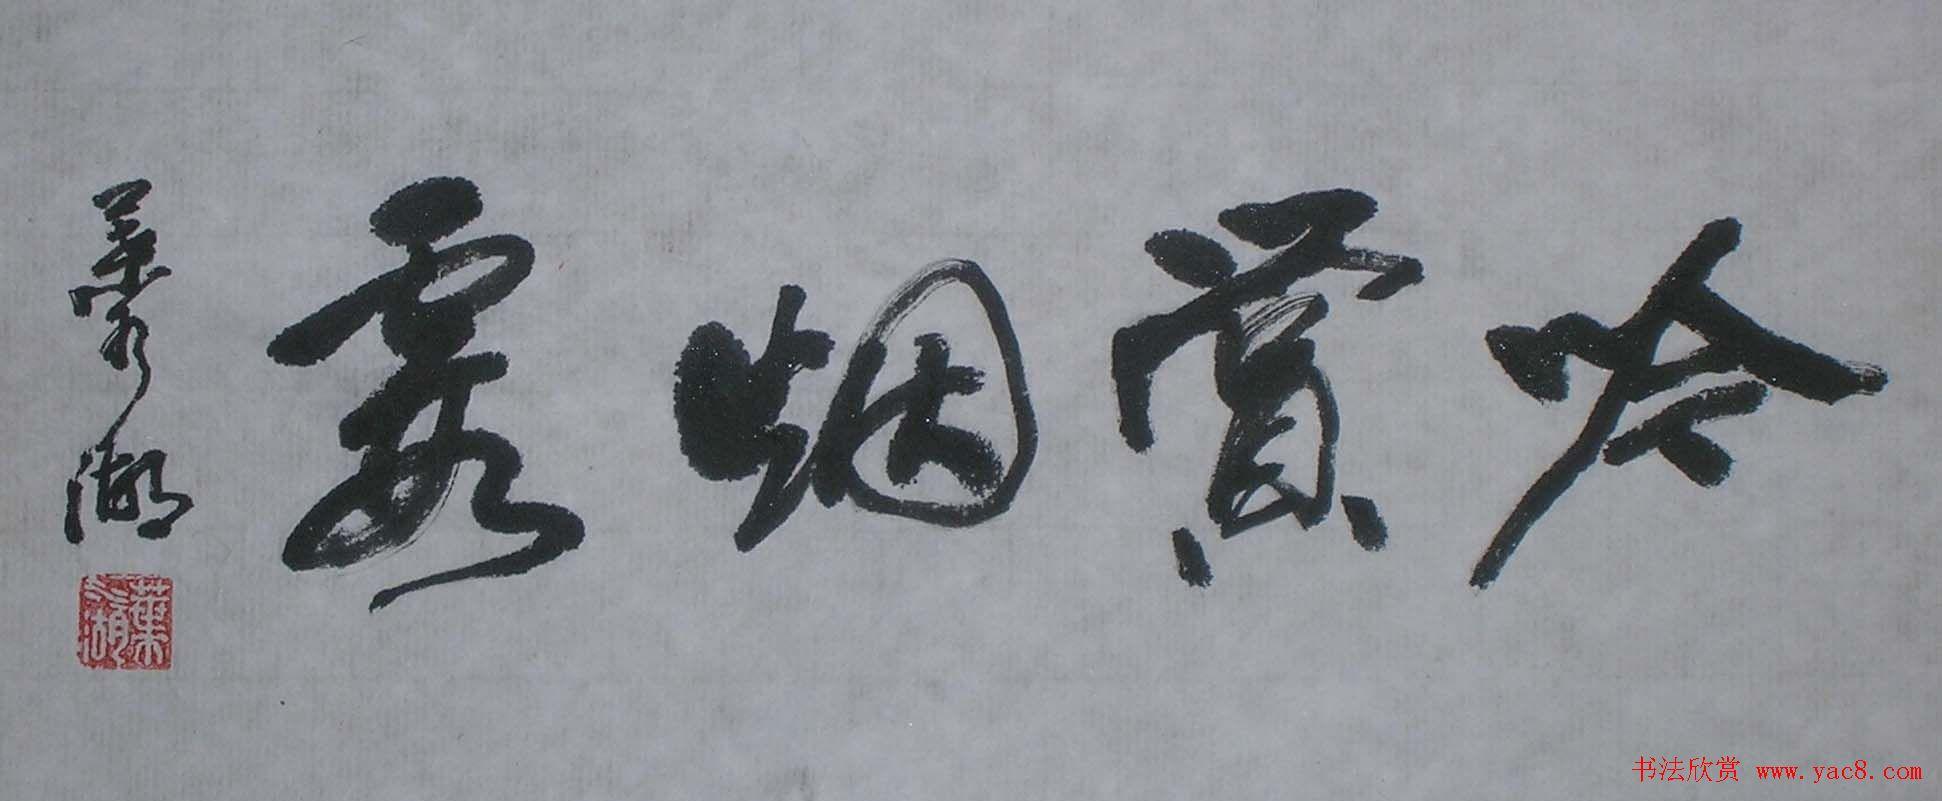 厦门叶水湖书法作品欣赏